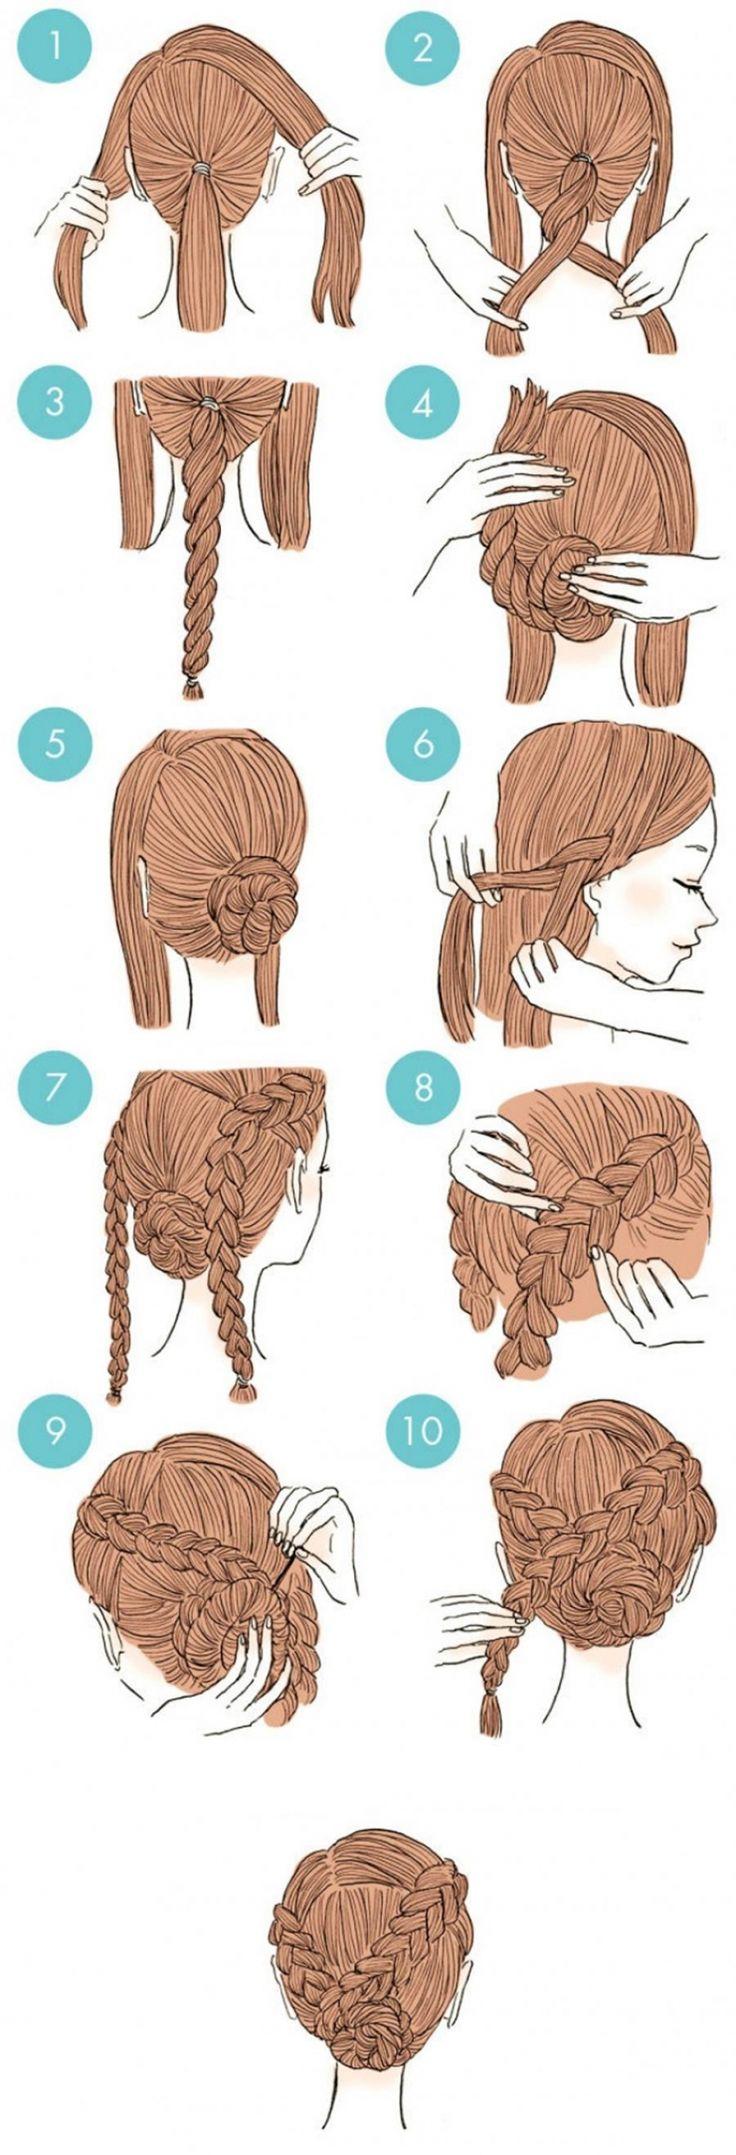 Vous en avez assez de votre style capillaire actuel et avez donc envie de vous offrir un nouveau look? Inutile de vous précipiter chez votre coiffeur. Vous pouvez faire vous-même votre propre coiffure en quelques gestes assez simples.